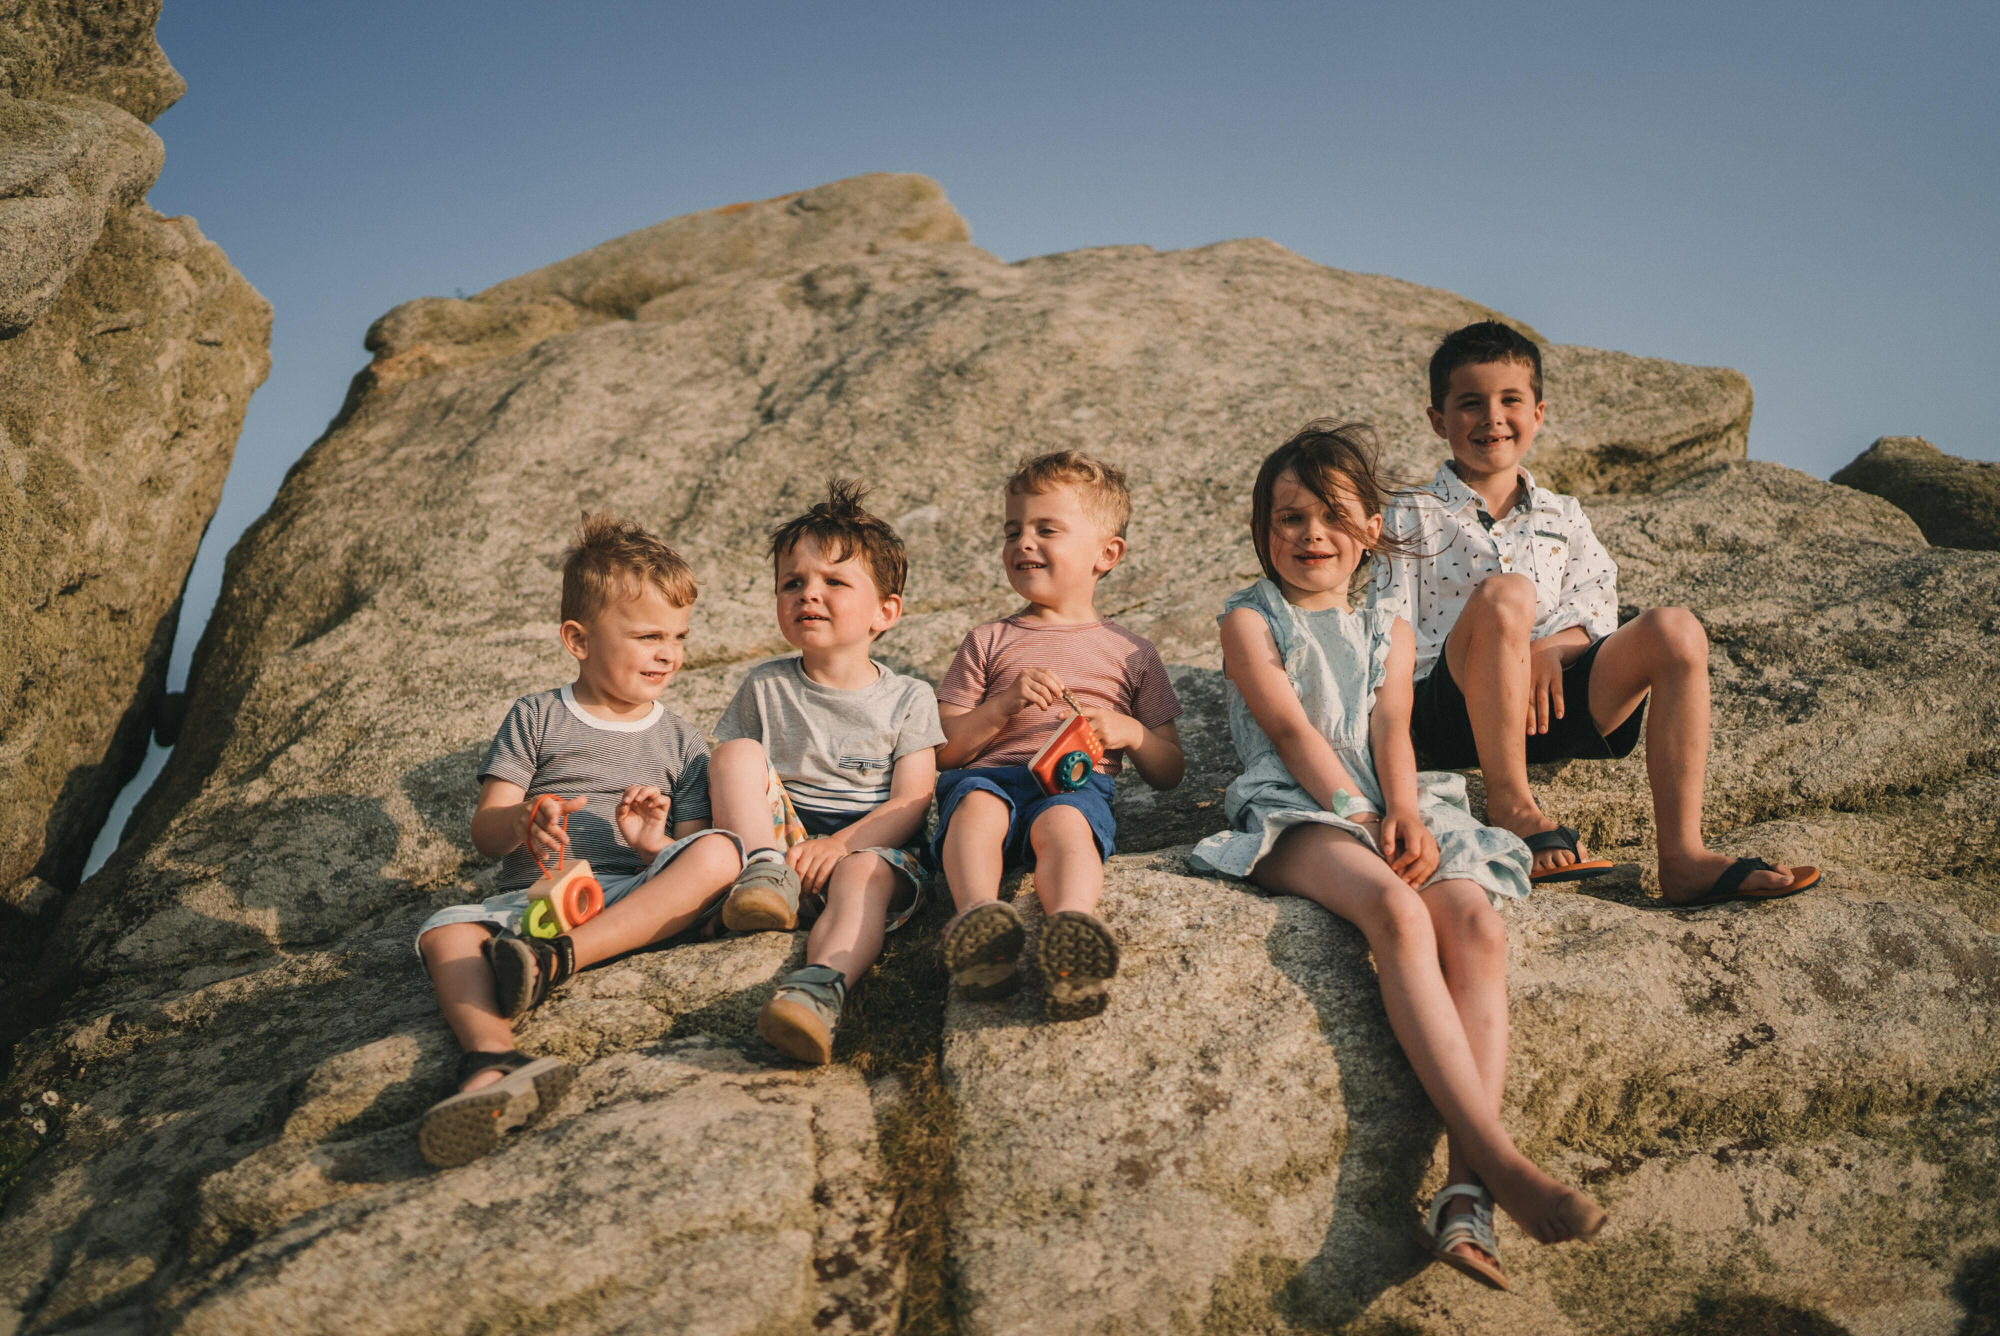 2021.07.20 Photo De Famille A Porspoder En Bretagne Par Antoine Borzeix 202, Photographe & Videaste à Brest / Finistère